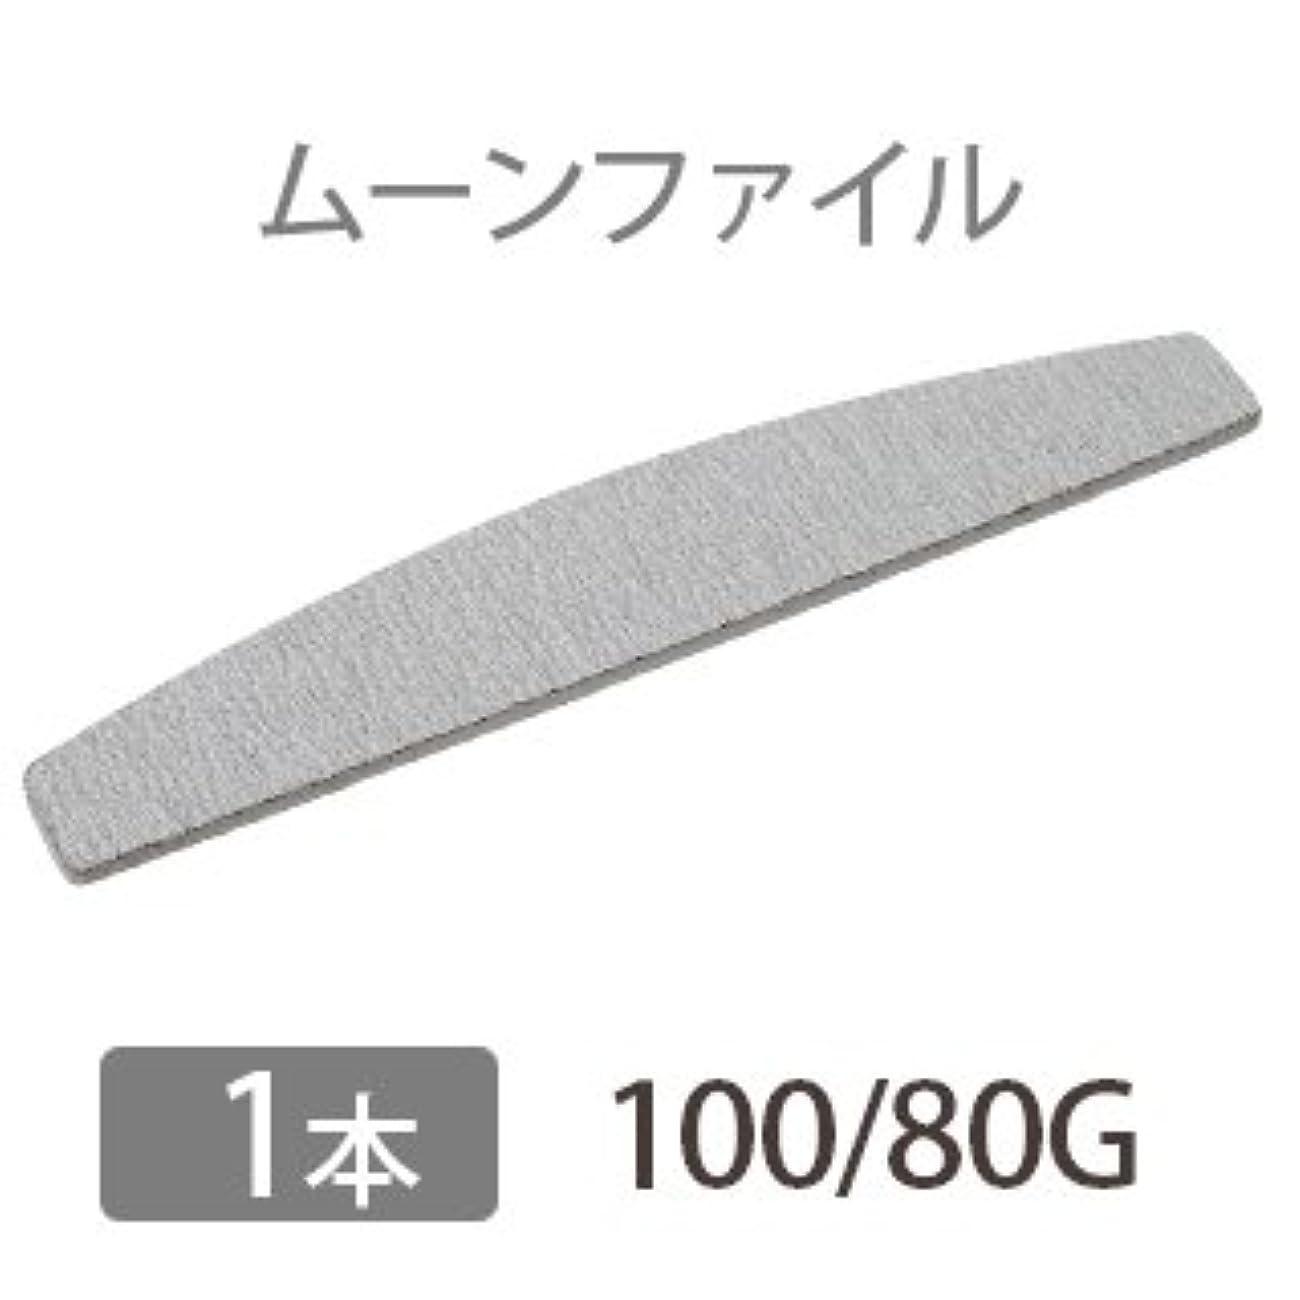 兄弟愛民間言語学ムーンファイル 100/80 【ネイル オフ ケア用品】